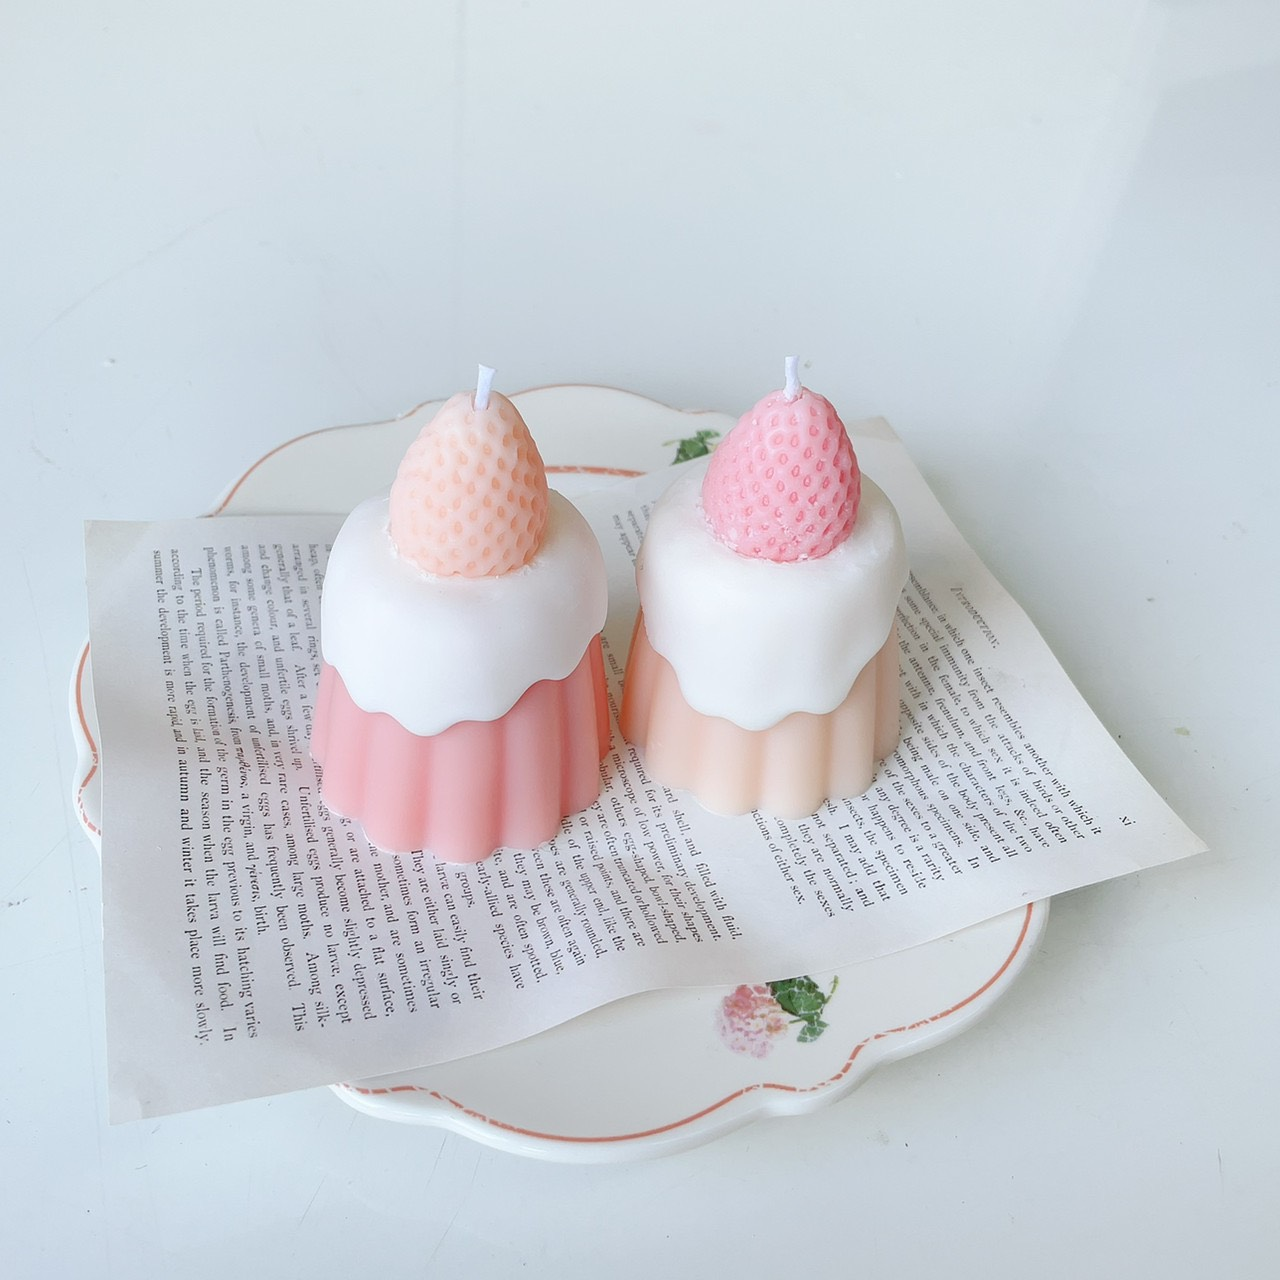 カヌレキャンドルキット とろ〜りクリームのレシピ付き